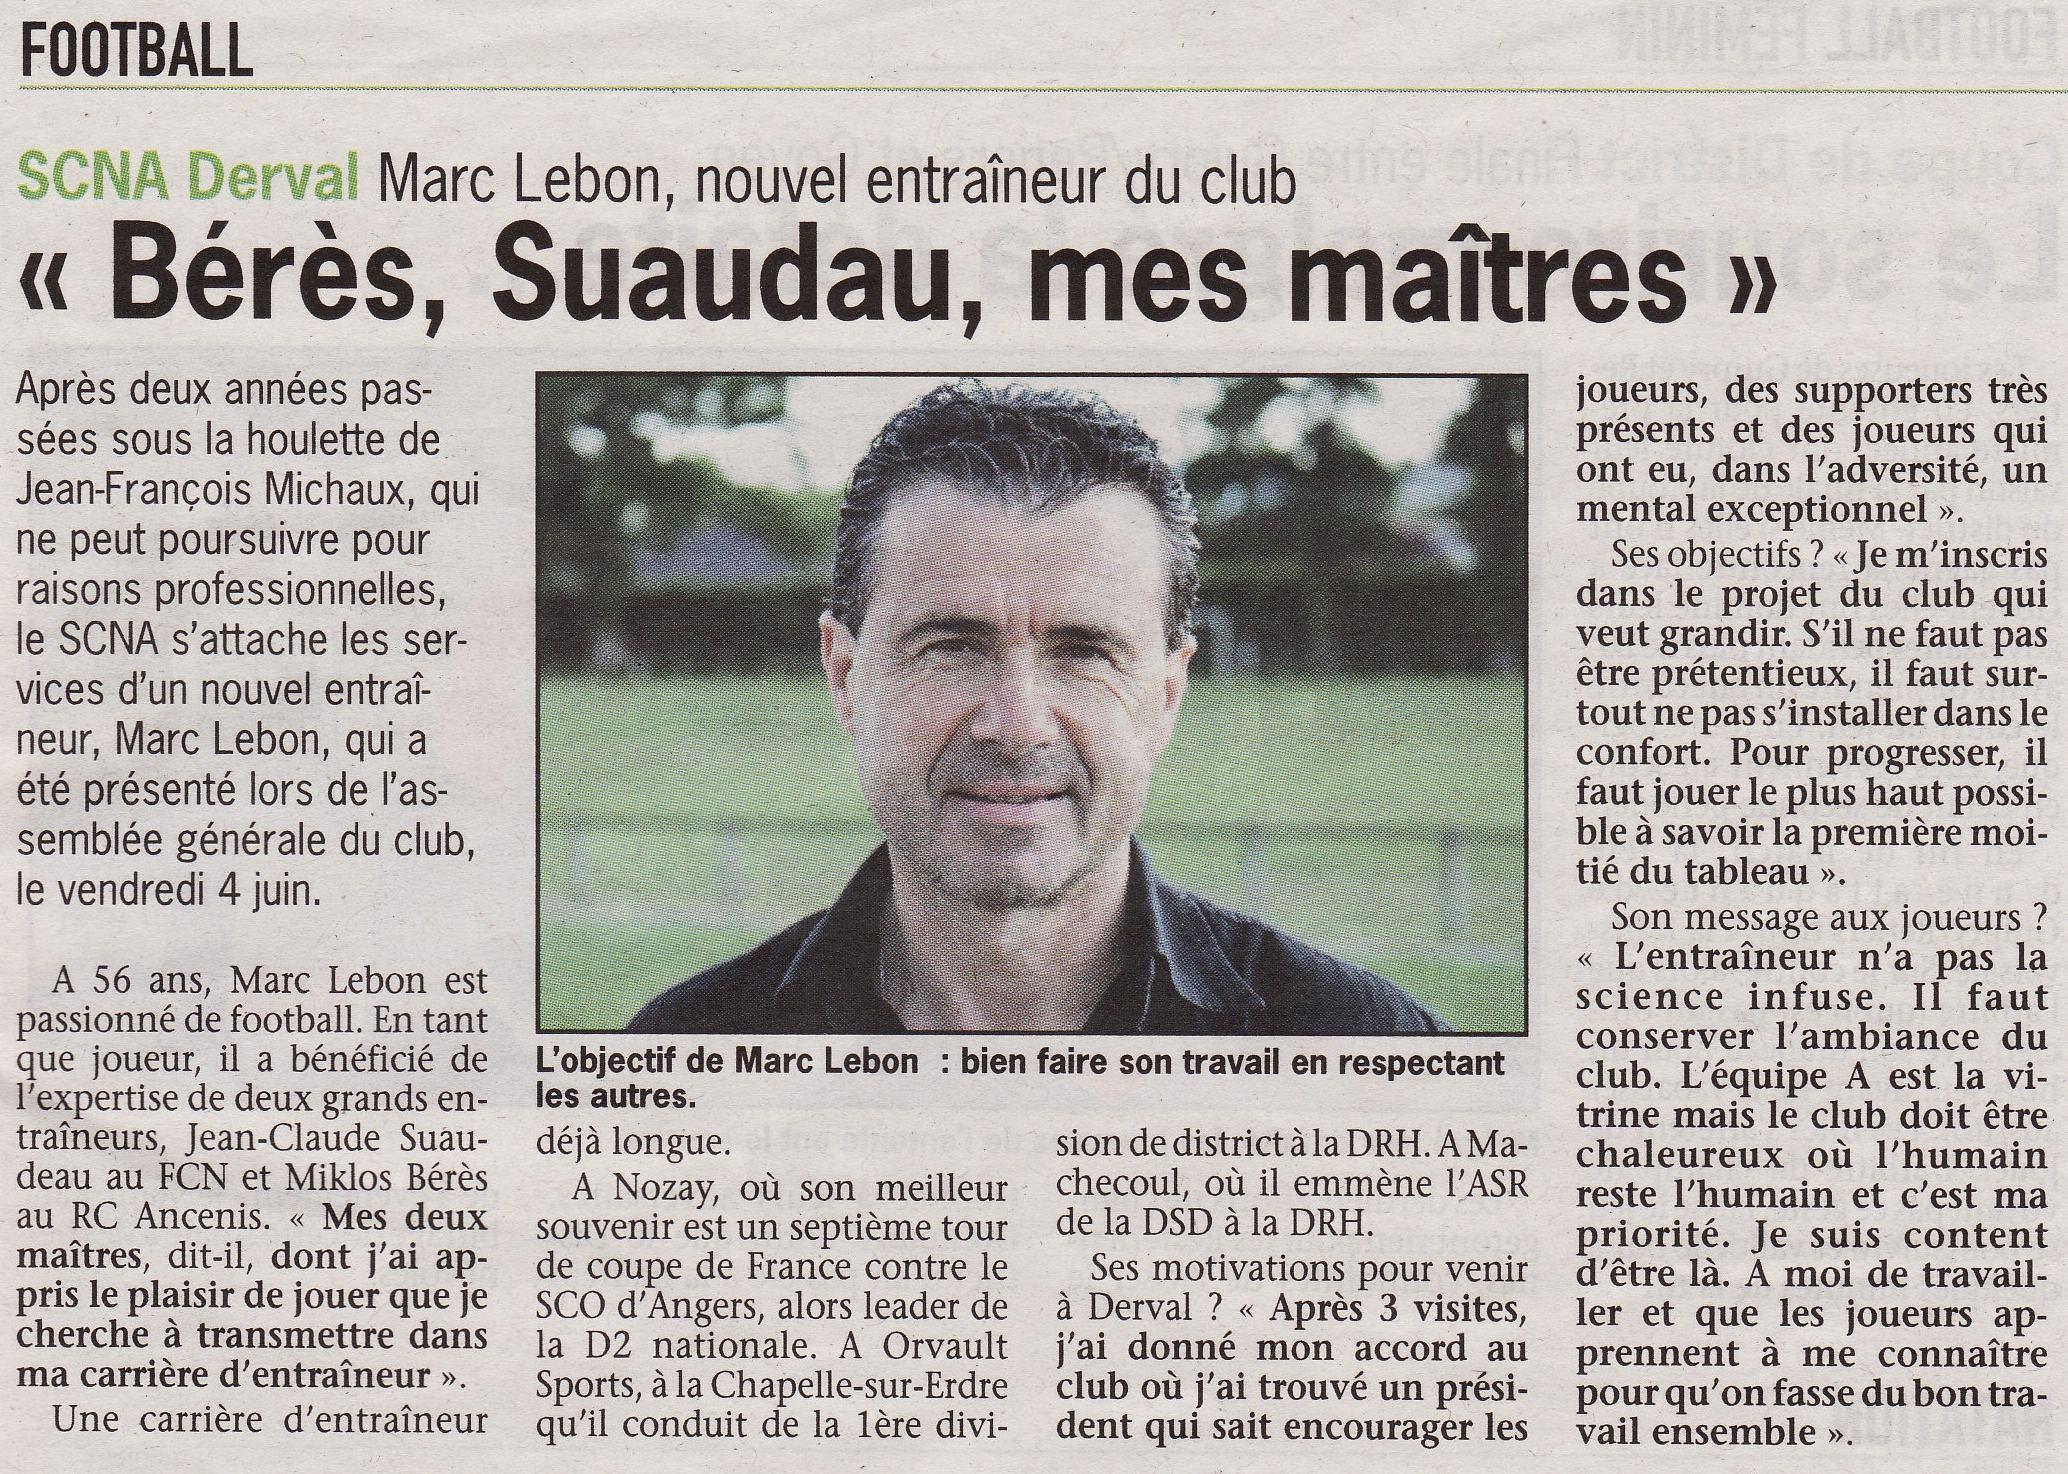 Marc Le Bon - Nouvel entraineur du SCNA